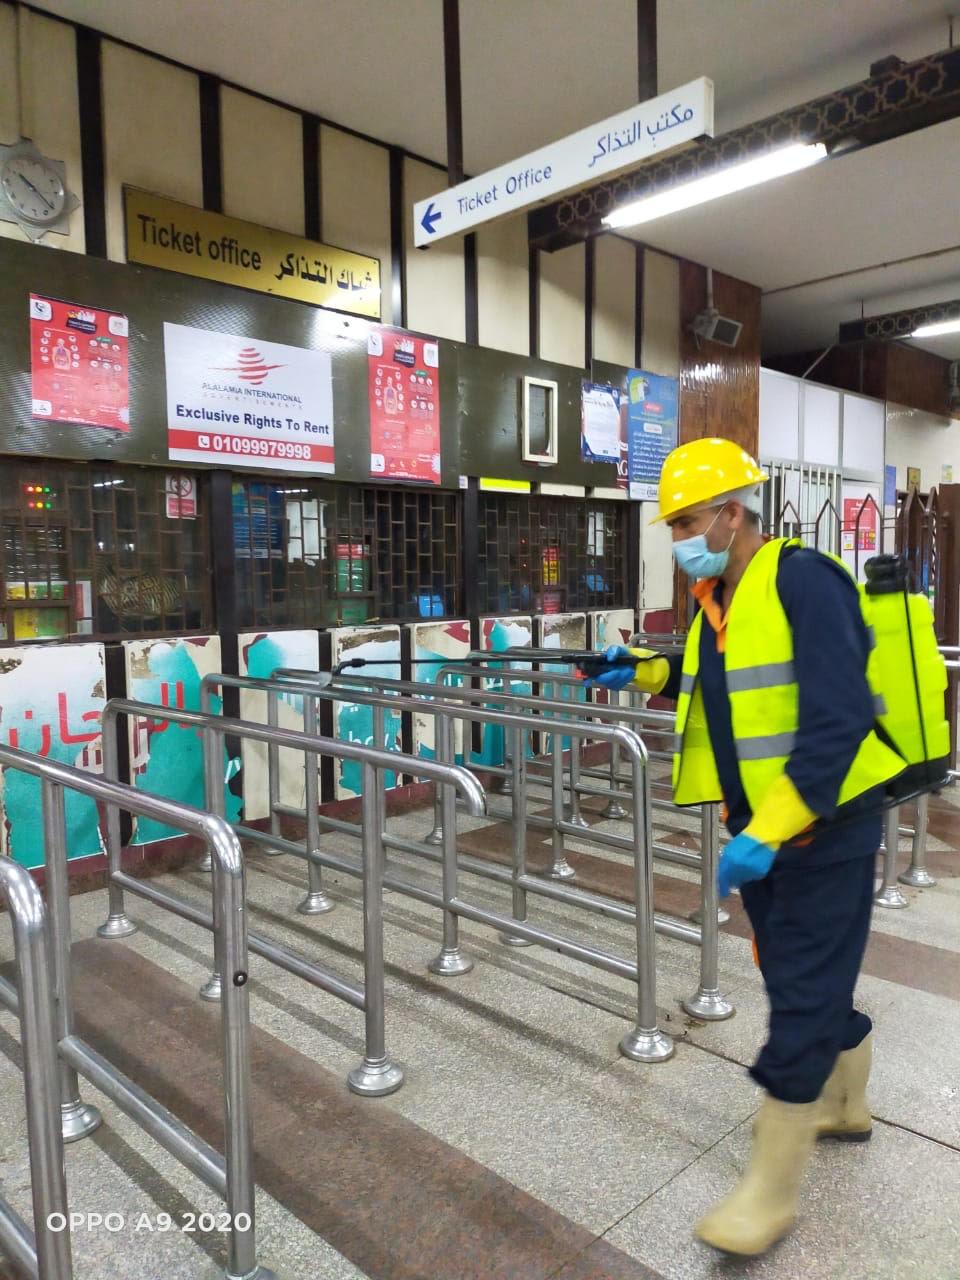 المترو يواصل أعمال تعقيم وتطهير القطارات والمحطات ضد كورونا (15)